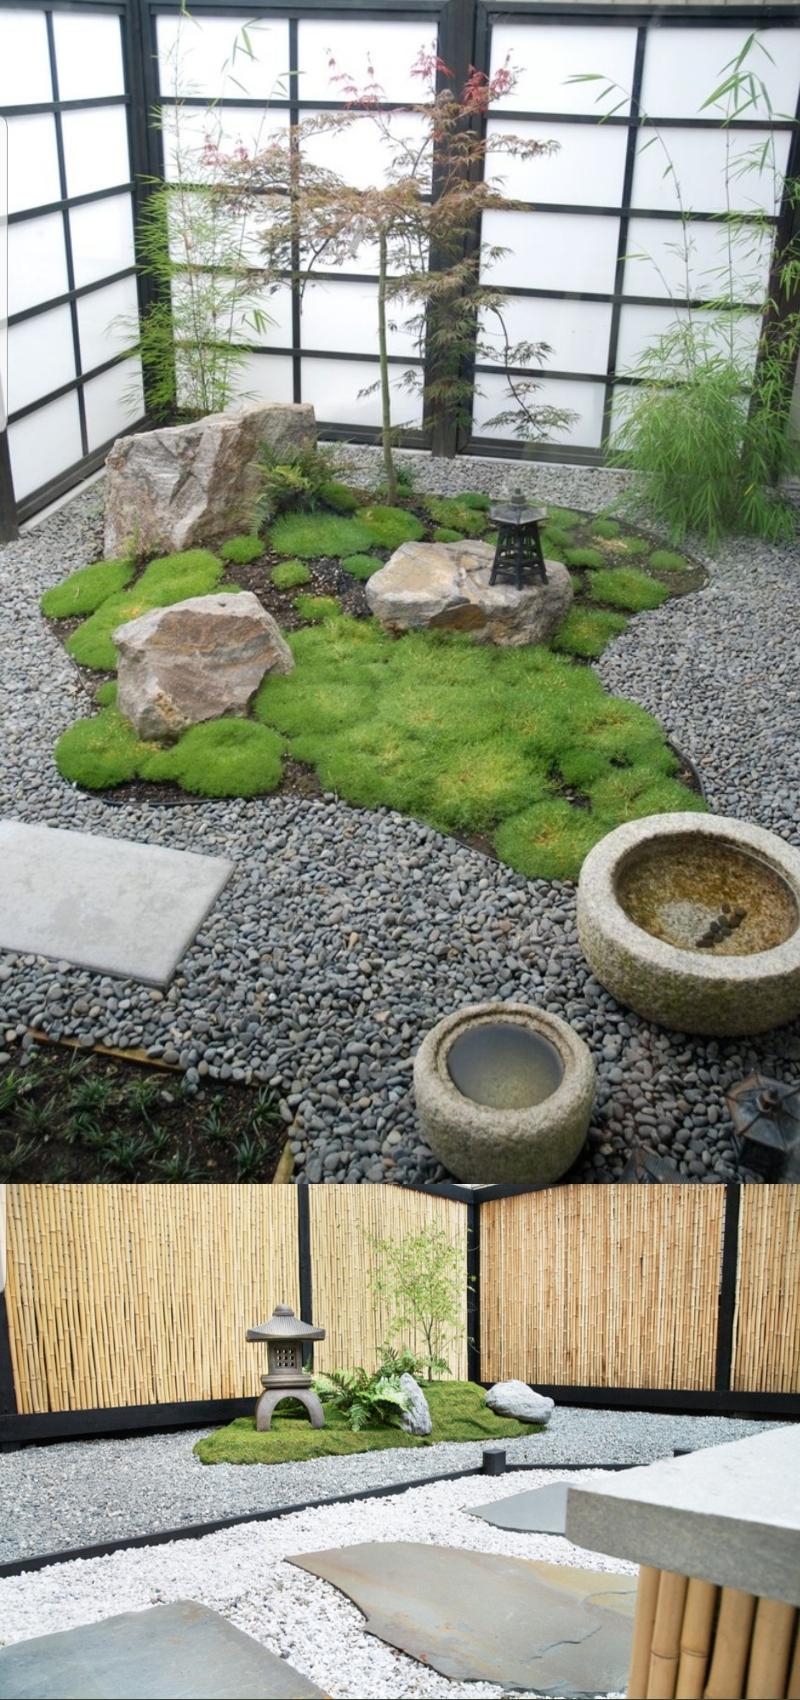 21+ Beautiful Zen Garden Ideas 2019 (How to Build Zen ... on Zen Garden Backyard Ideas id=91367